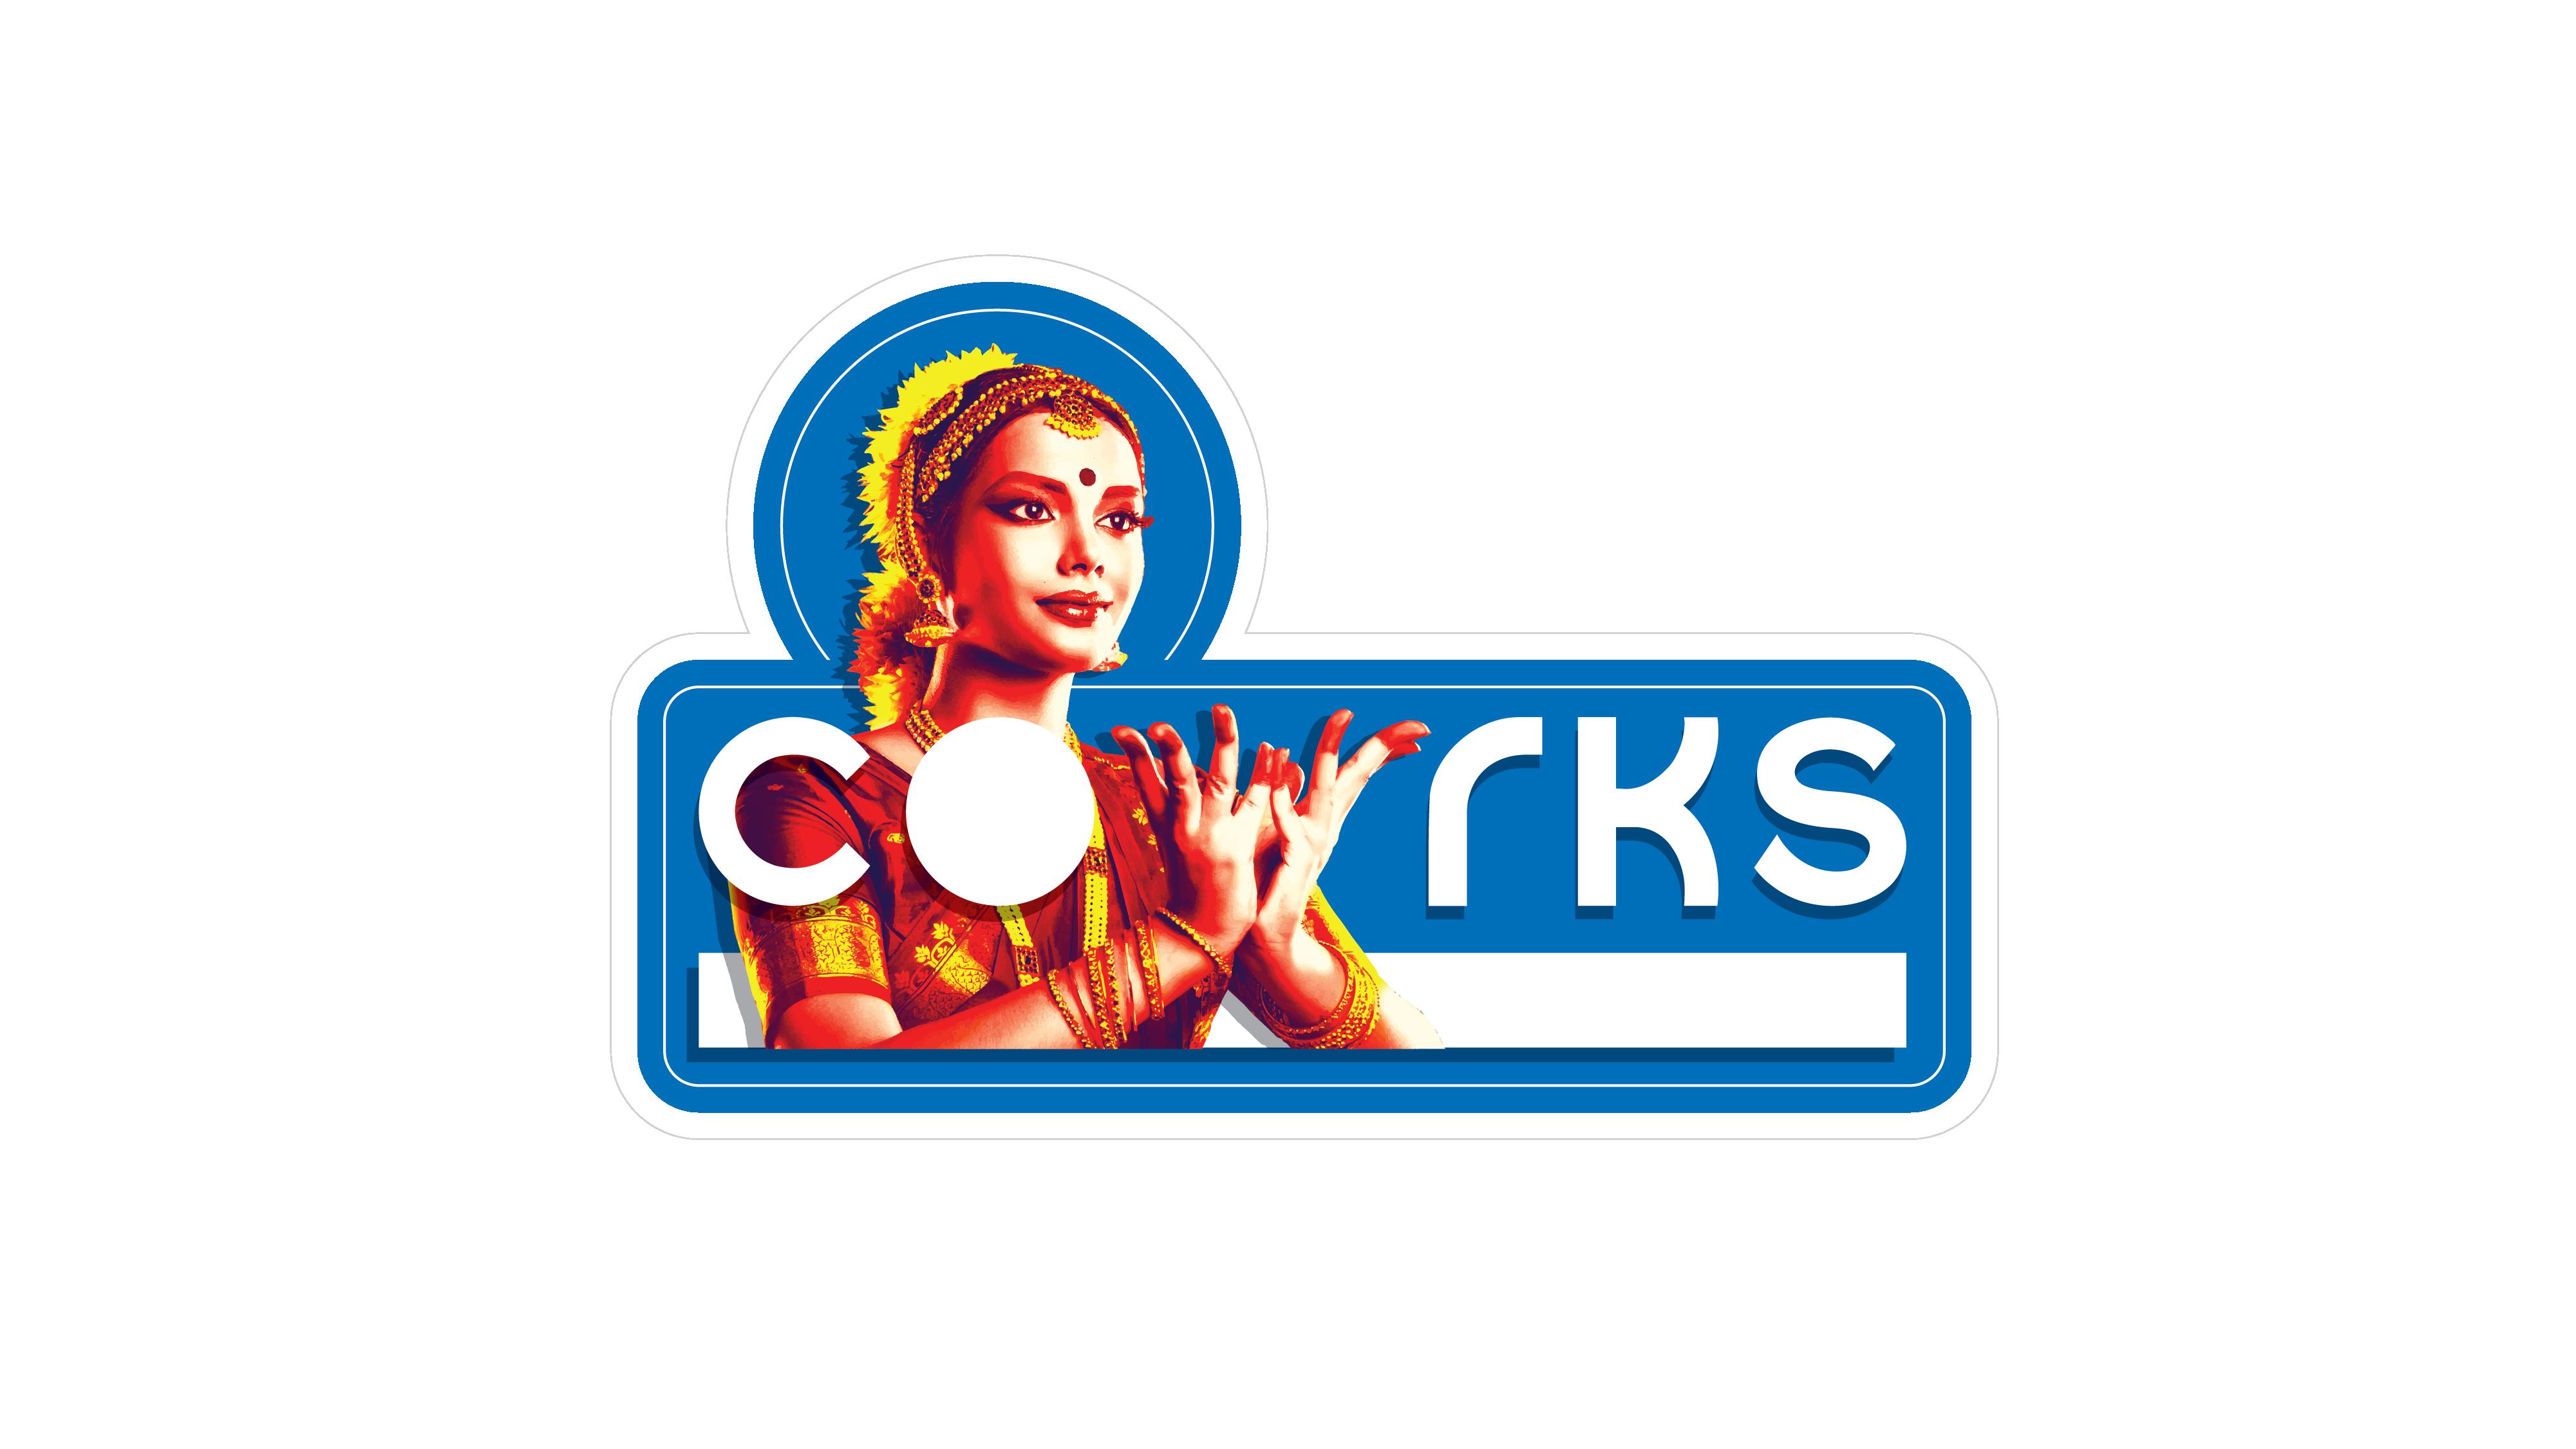 Why Chennai Wrks